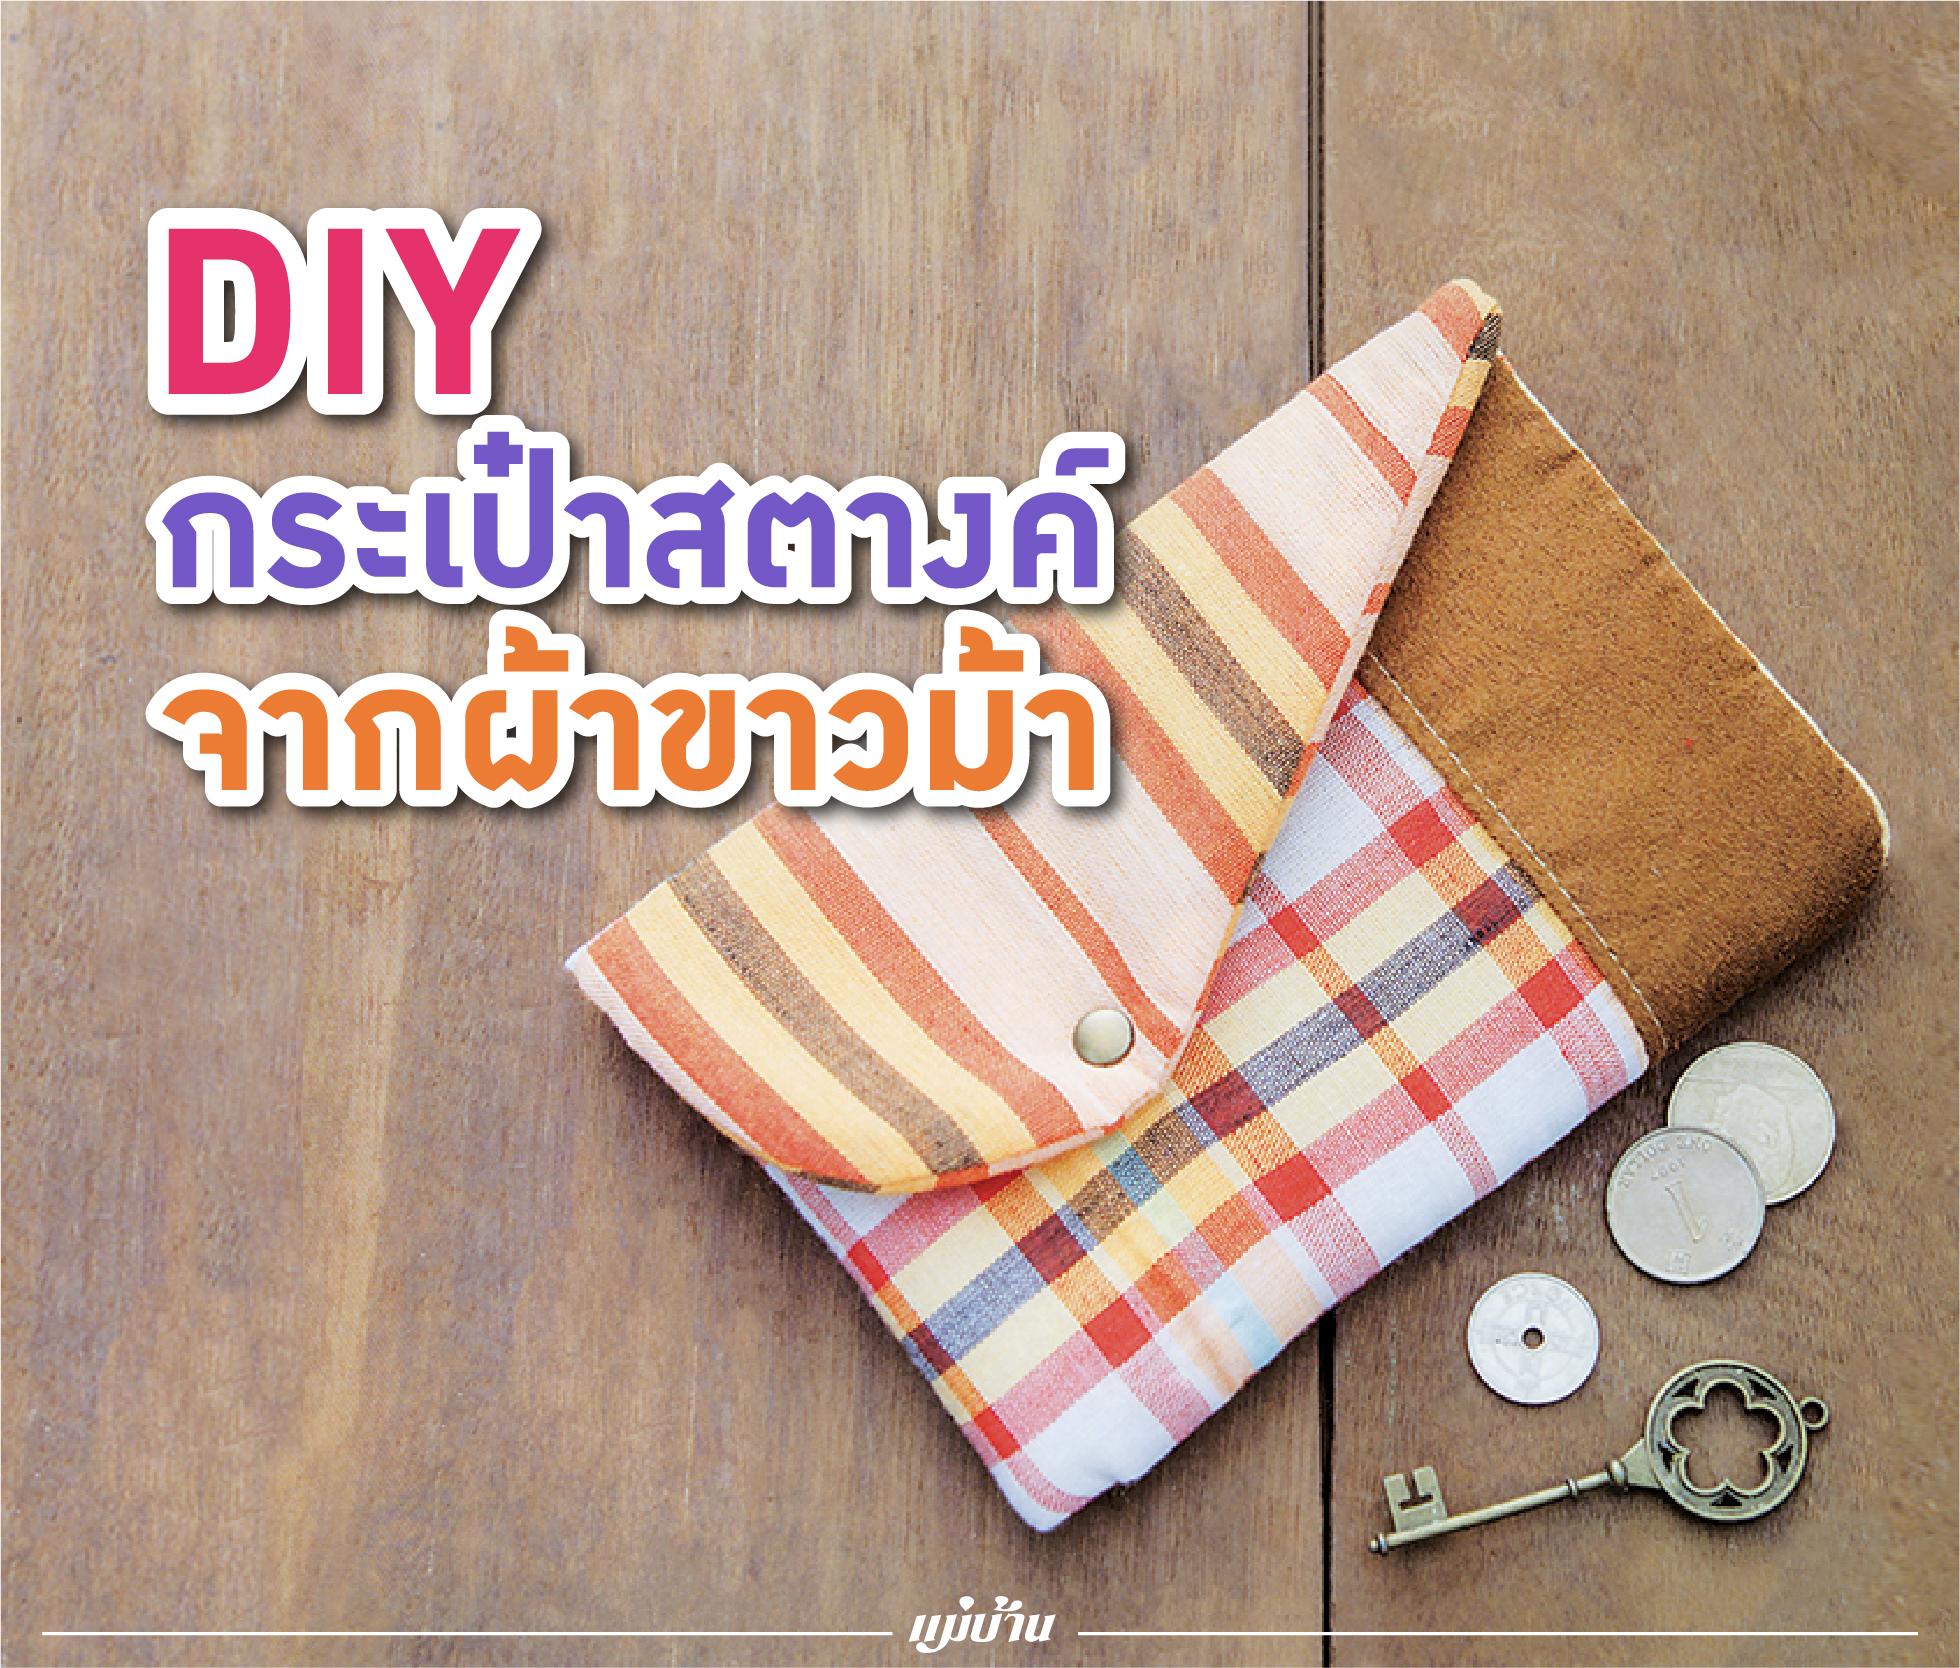 DIY กระเป๋าสตางค์จากผ้าขาวม้า สำนักพิมพ์แม่บ้าน